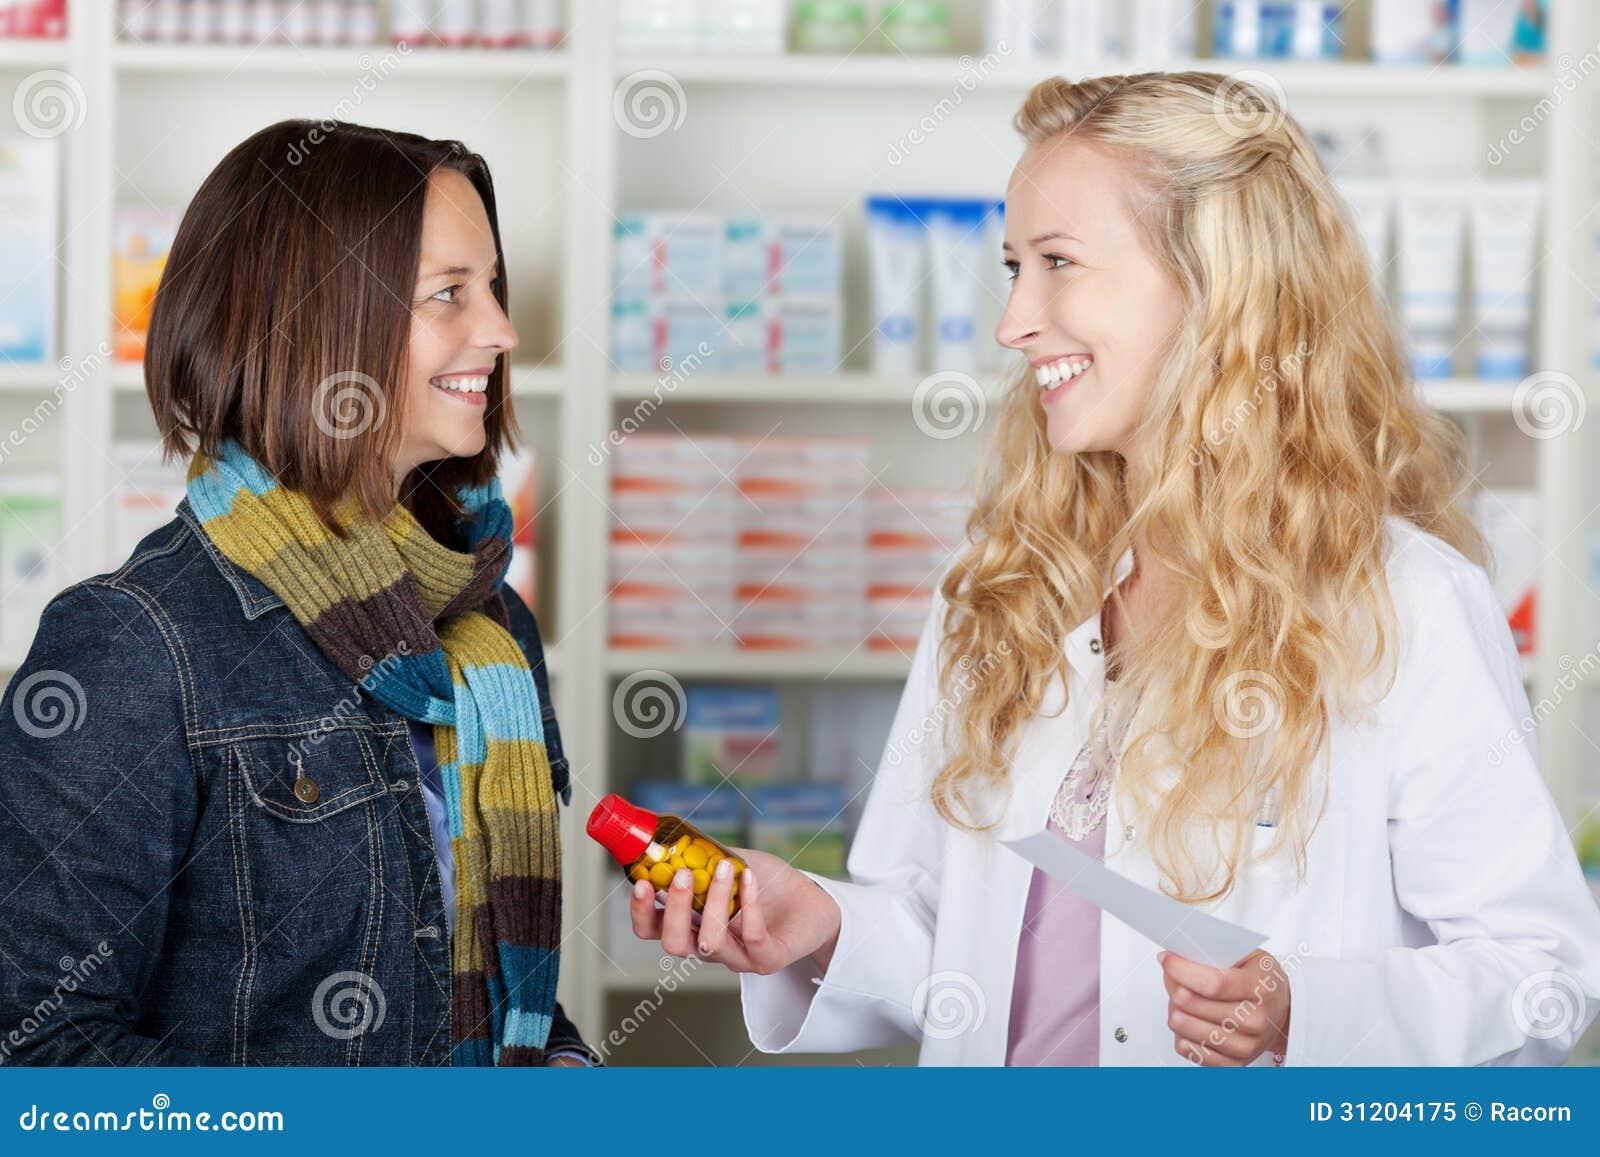 Φαρμακοποιός που δίνει το μπουκάλι ιατρικής στο θηλυκό πελάτη